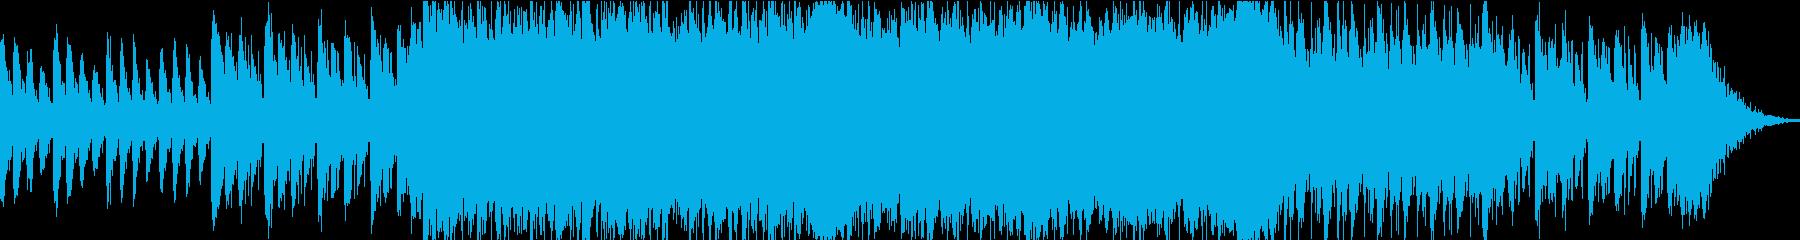 緊迫した戦闘中を思わせるBGMの再生済みの波形